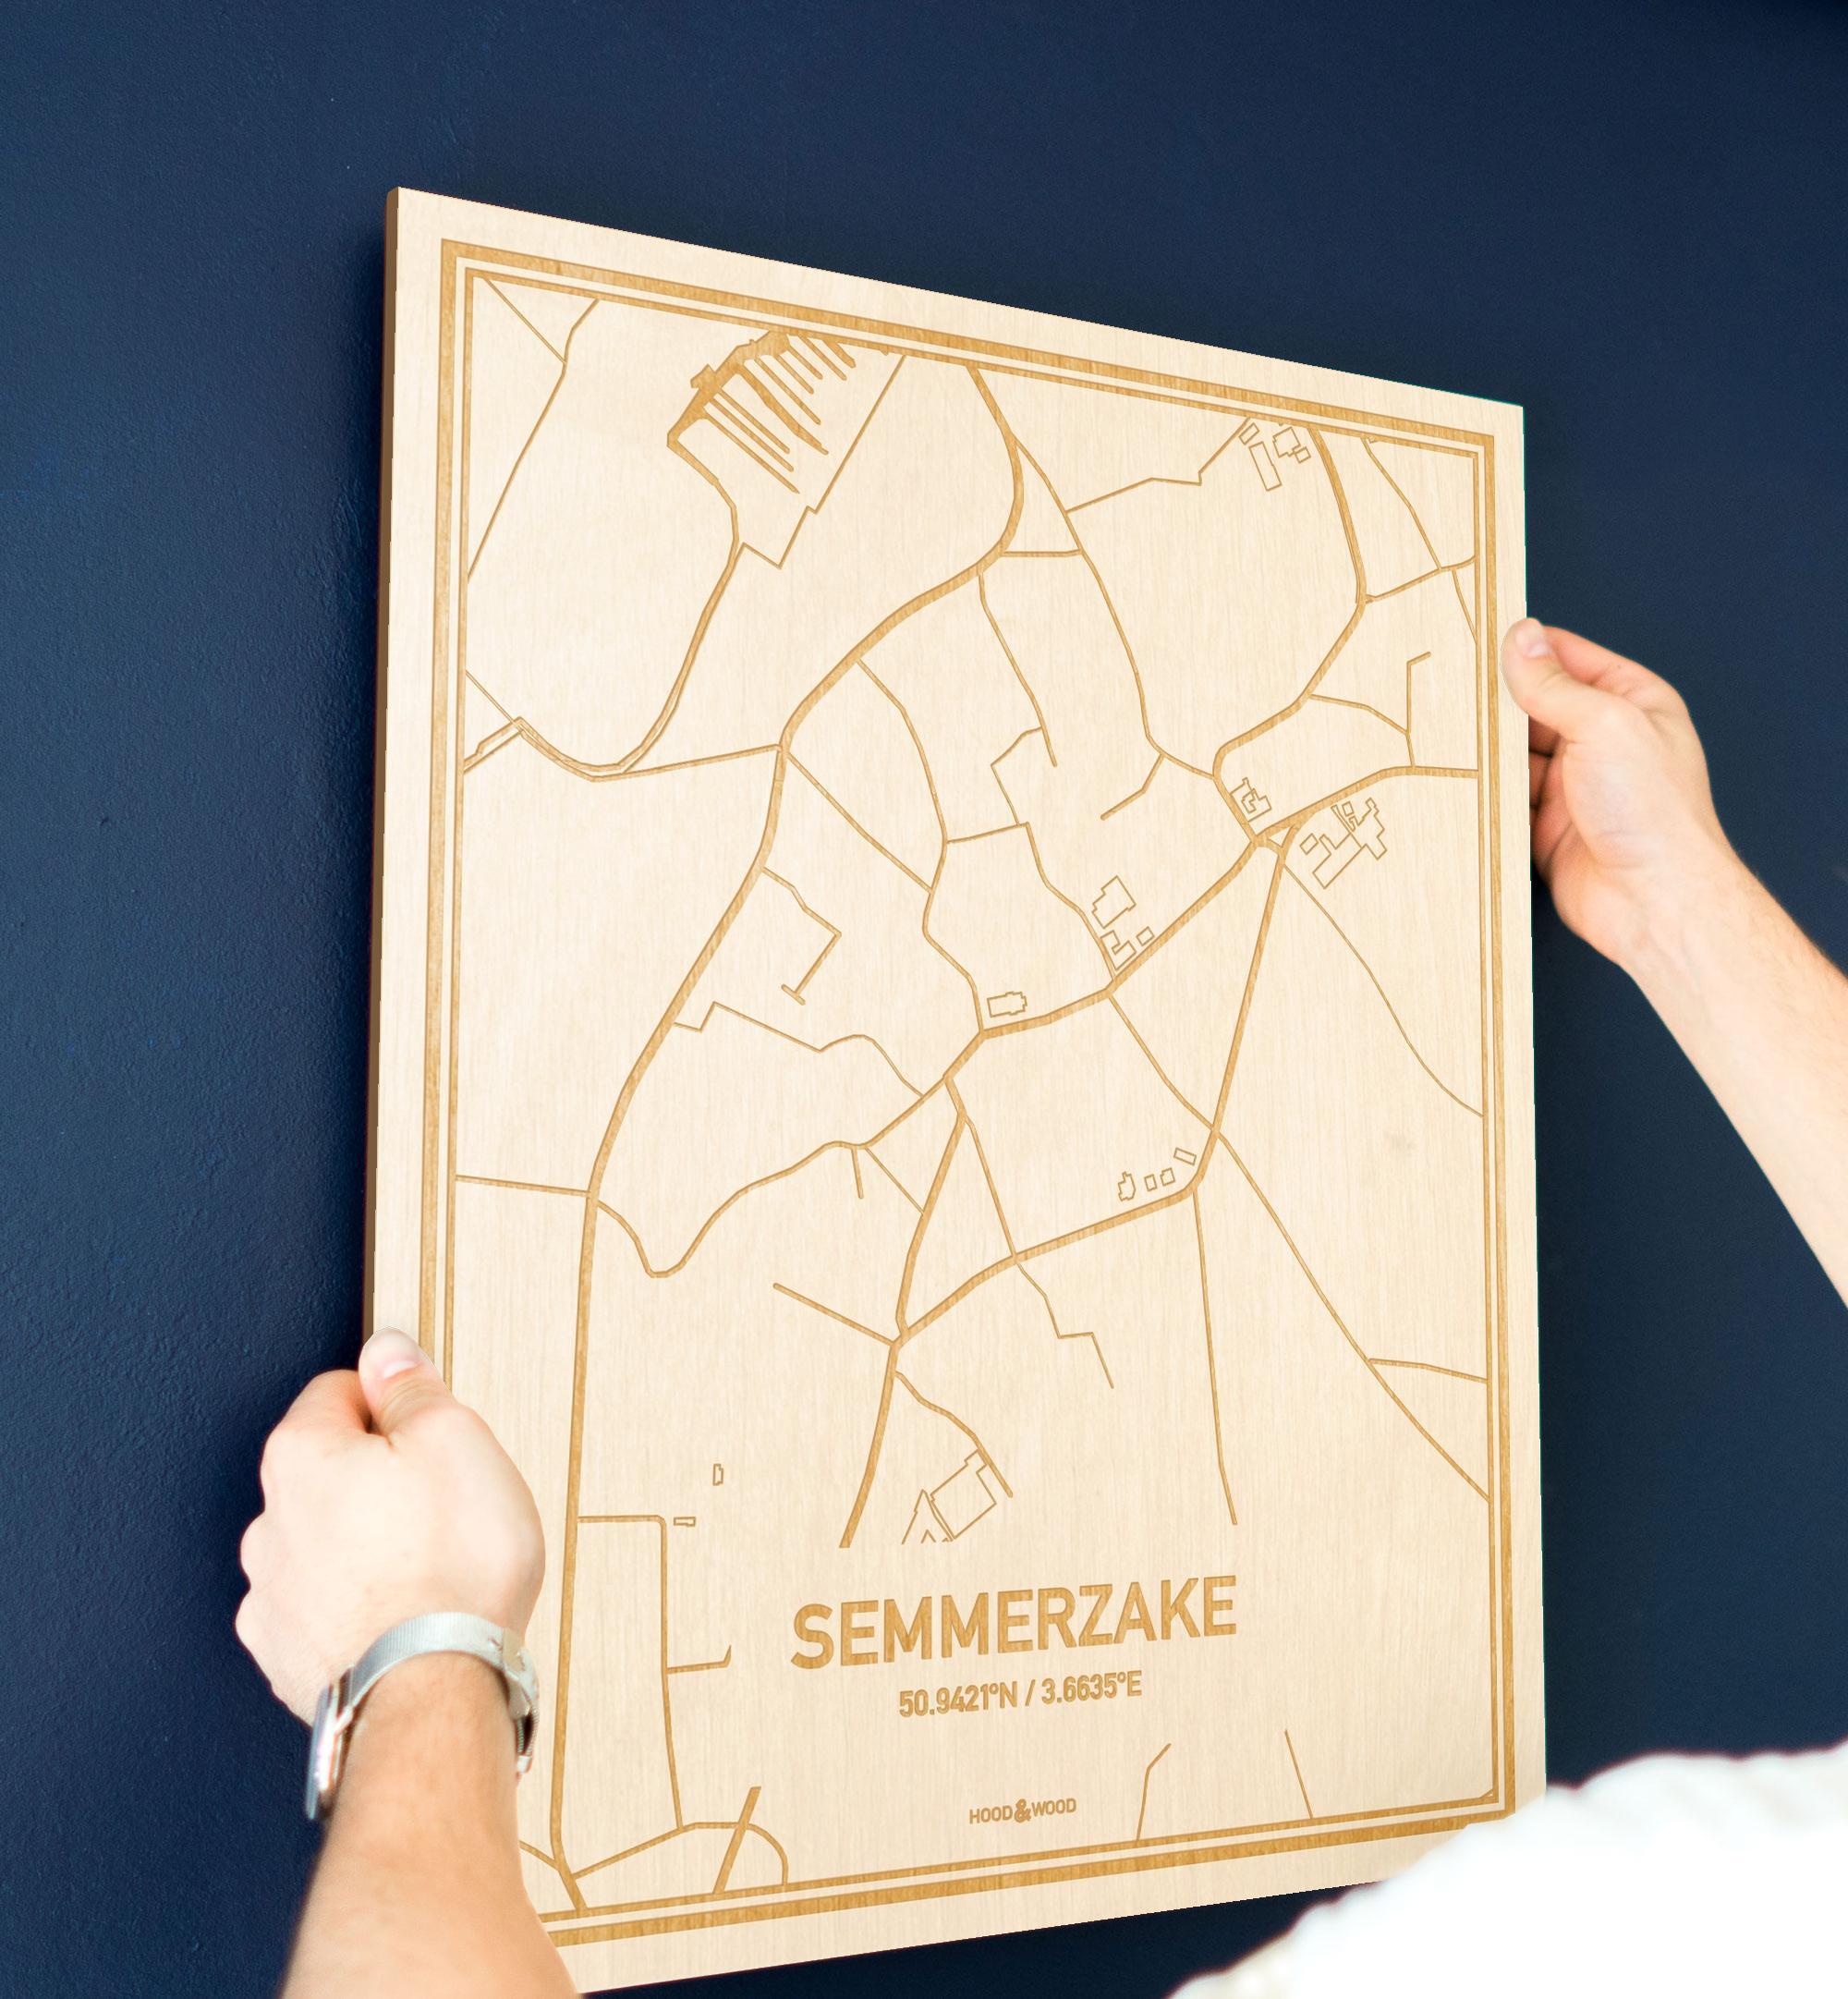 Een man hangt de houten plattegrond Semmerzake aan zijn blauwe muur ter decoratie. Je ziet alleen zijn handen de kaart van deze moderne in Oost-Vlaanderen  vasthouden.